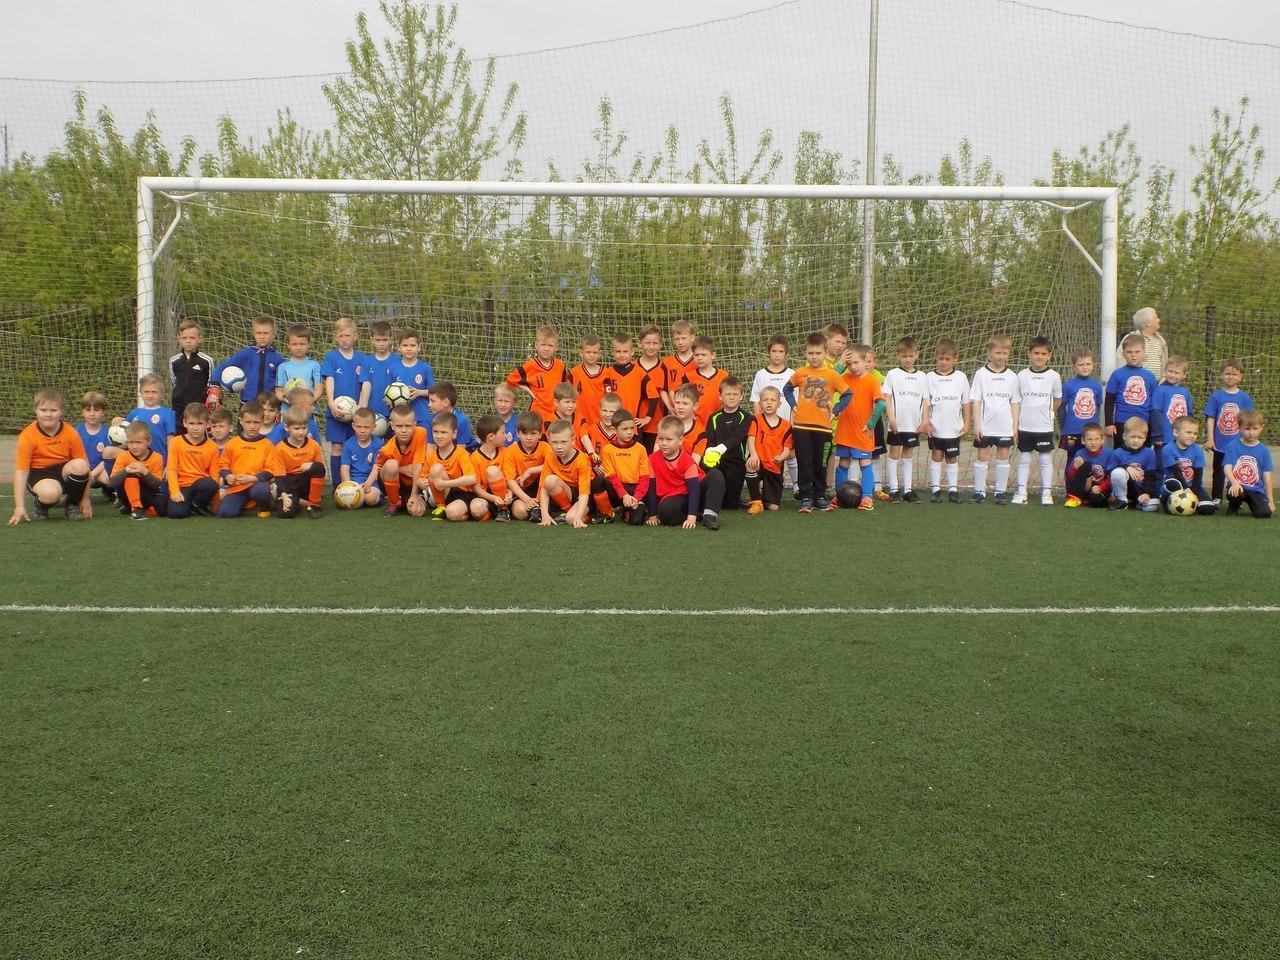 Результаты игр Первенства города Подольска среди детских команд 2006 и 2007/2008 г.р. за 09.09.2017 года